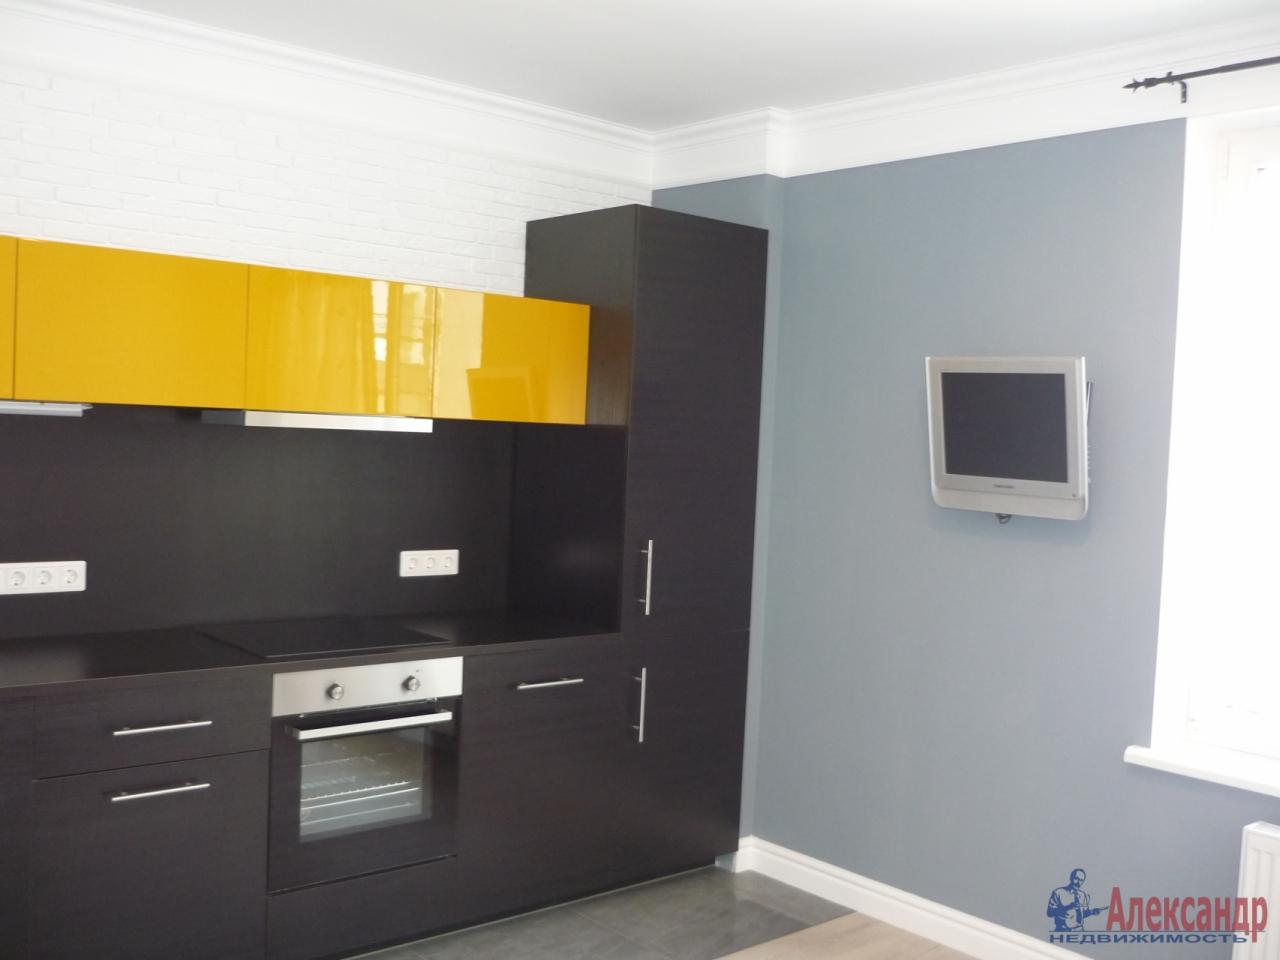 2-комнатная квартира (72м2) в аренду по адресу Кременчугская ул., 9— фото 3 из 17